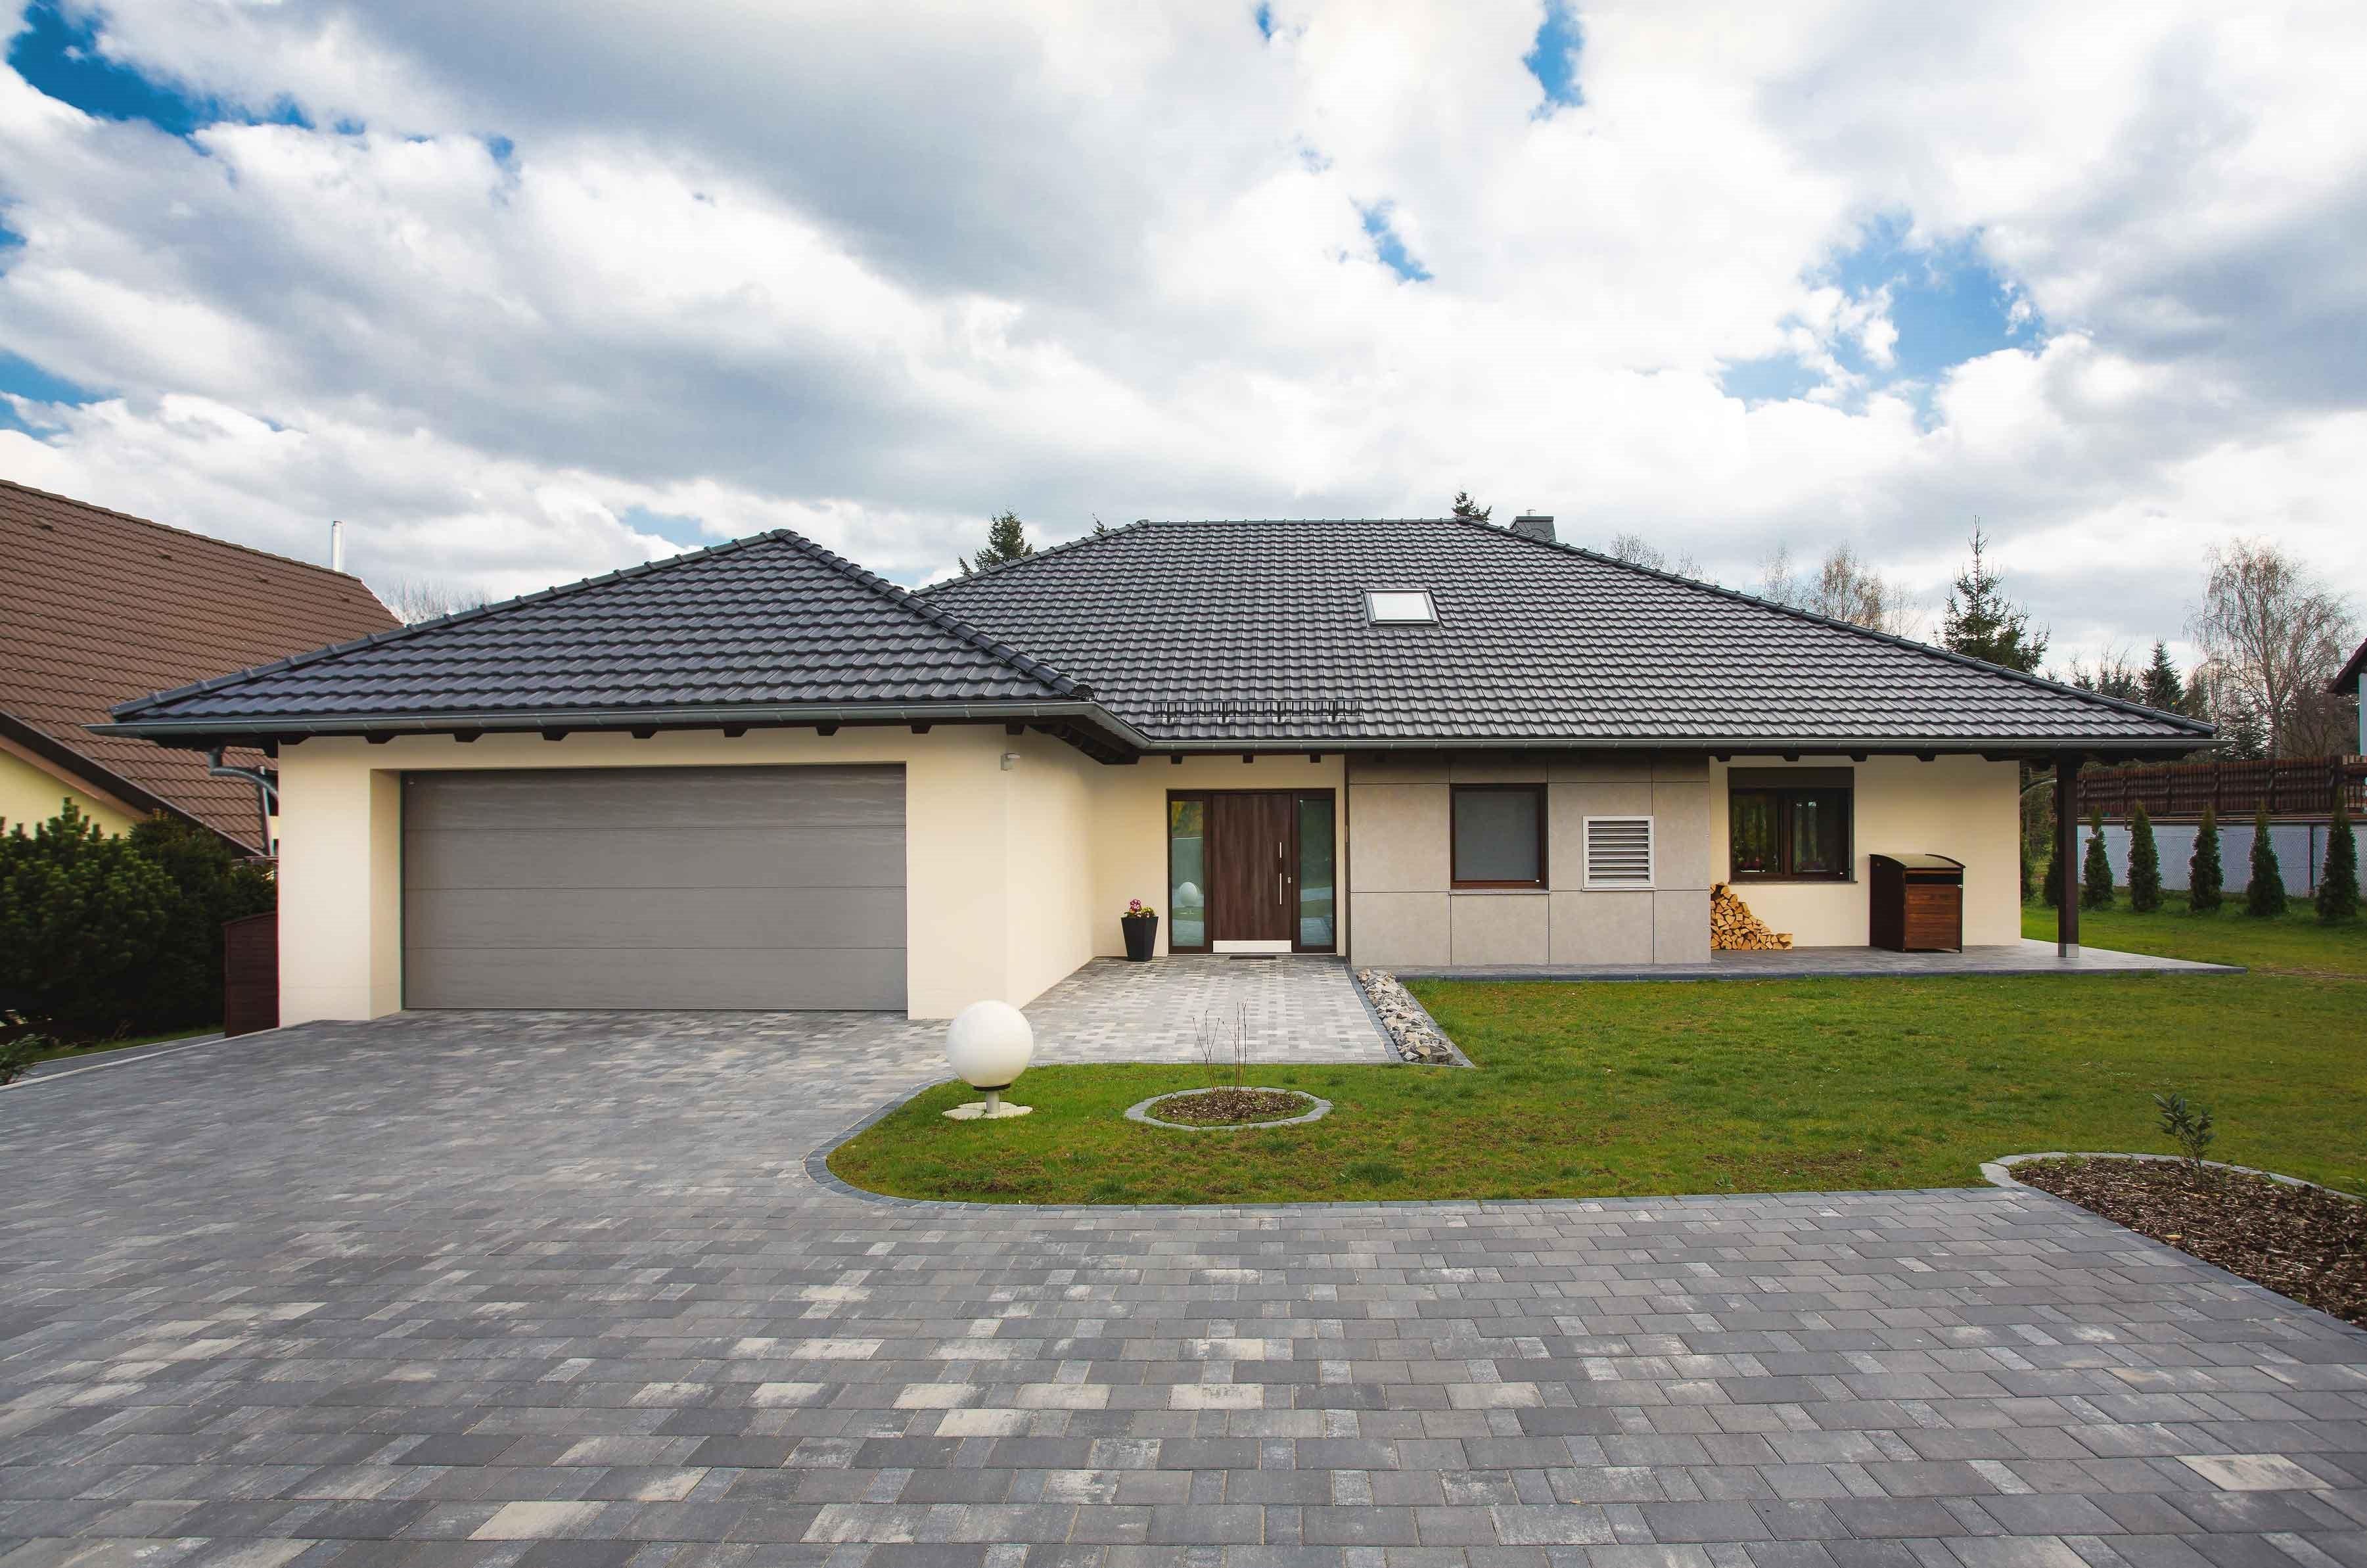 HA Einfamilienhaus im Bungalowstil